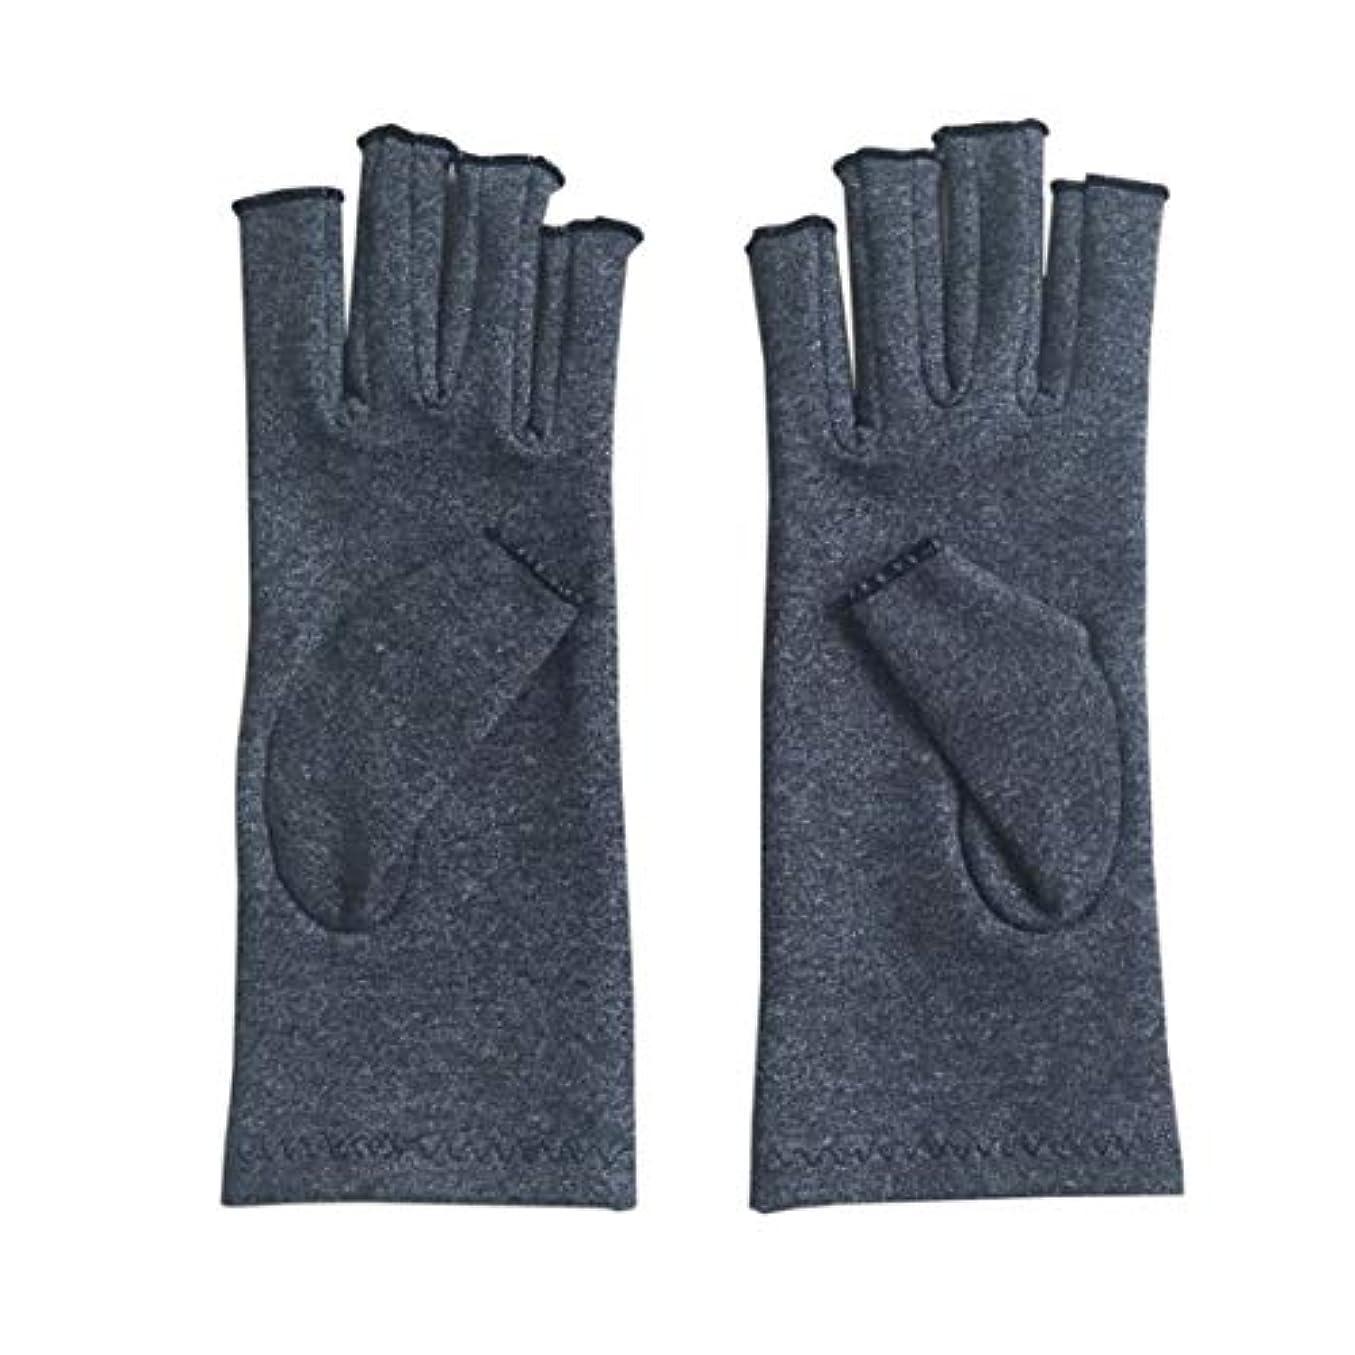 欠かせない税金起点Aペア/セット快適な男性用女性療法圧縮手袋無地通気性関節炎関節痛緩和手袋 - グレー